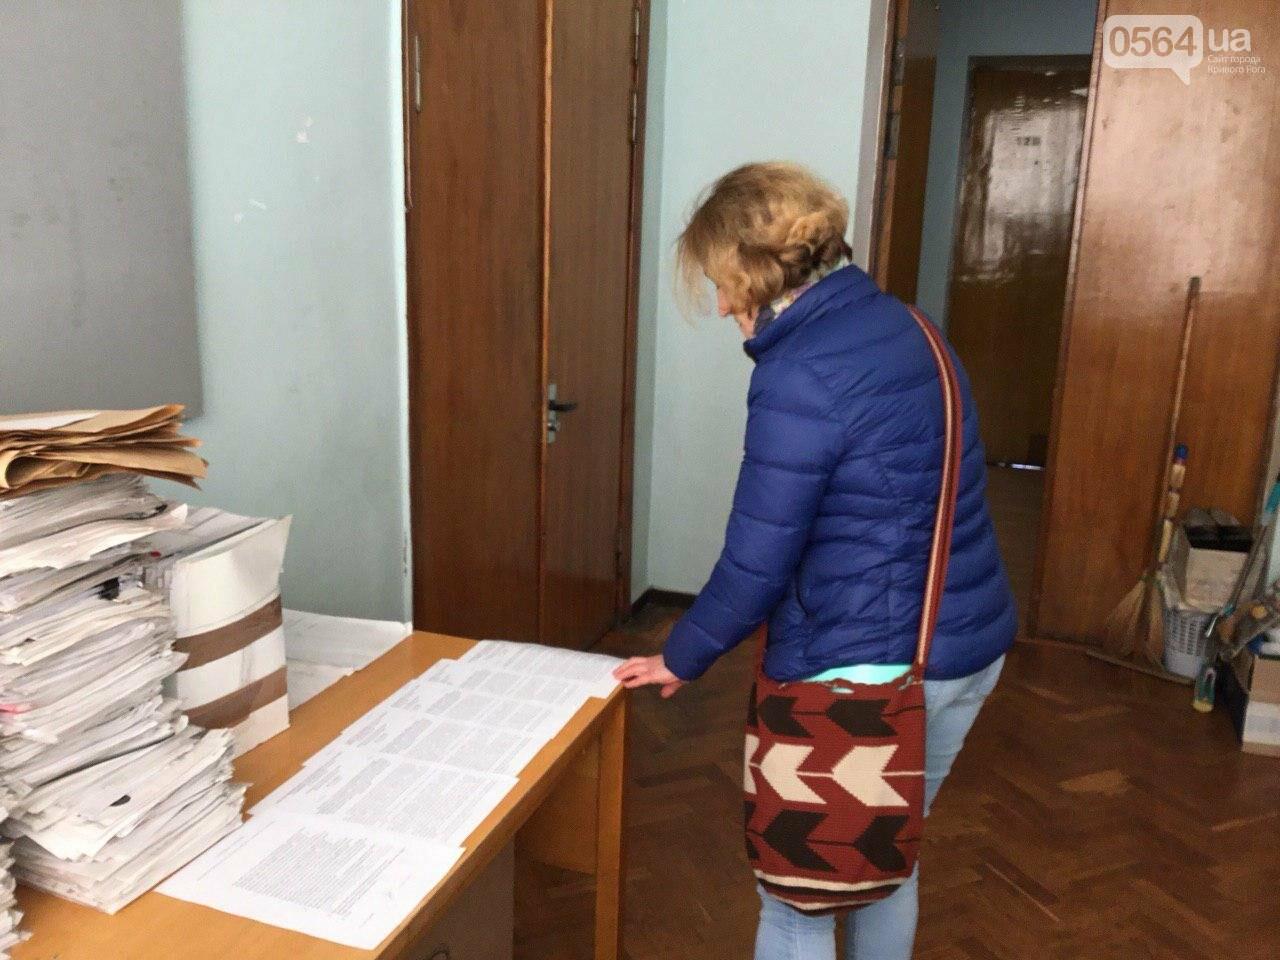 Стало известно, кто зайдет в Криворожский горсовет вместо депутата Михаила Карого, - ФОТО, фото-6